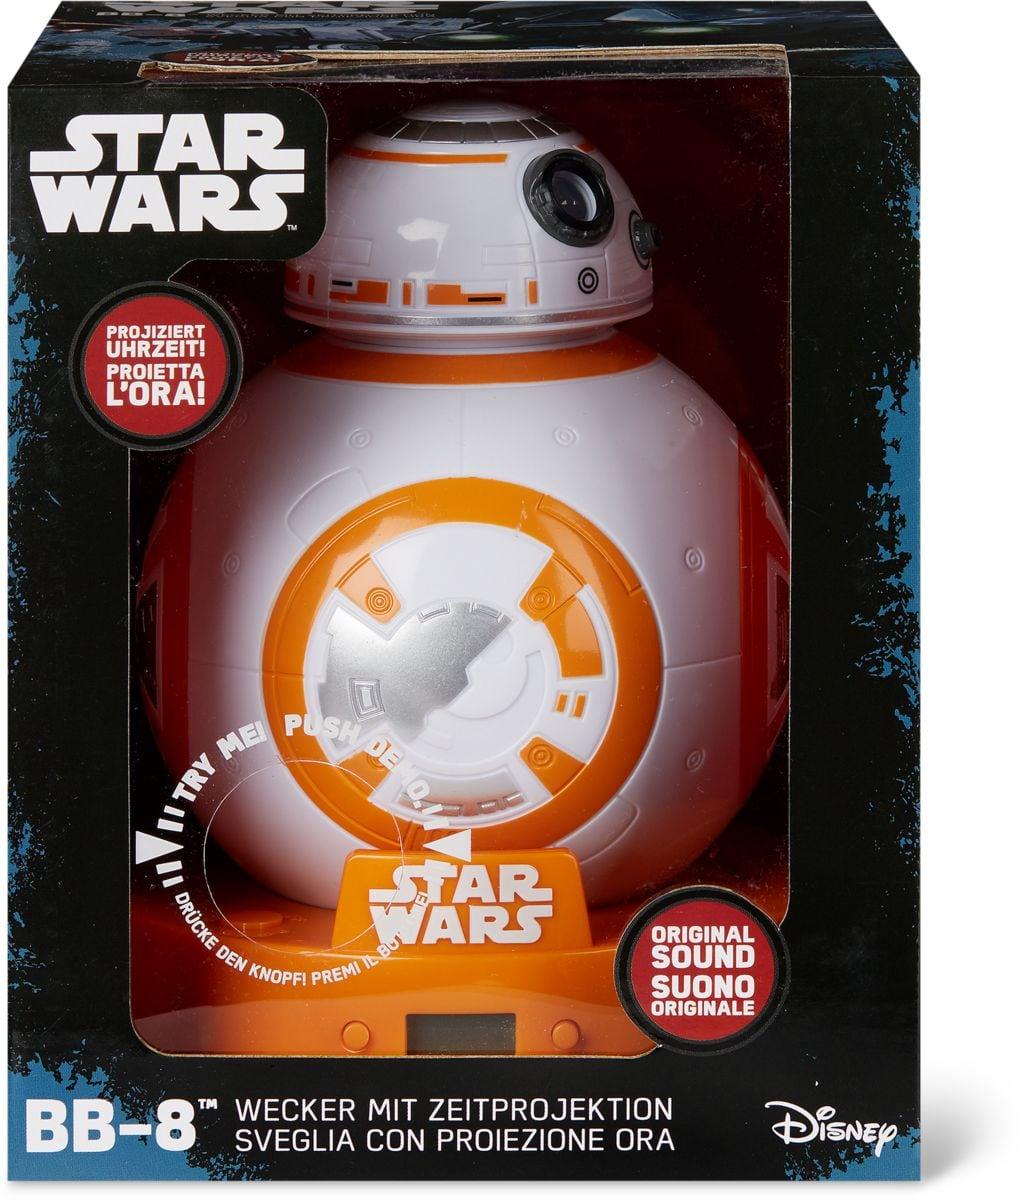 Star Wars BB8 sveglia con proiettore